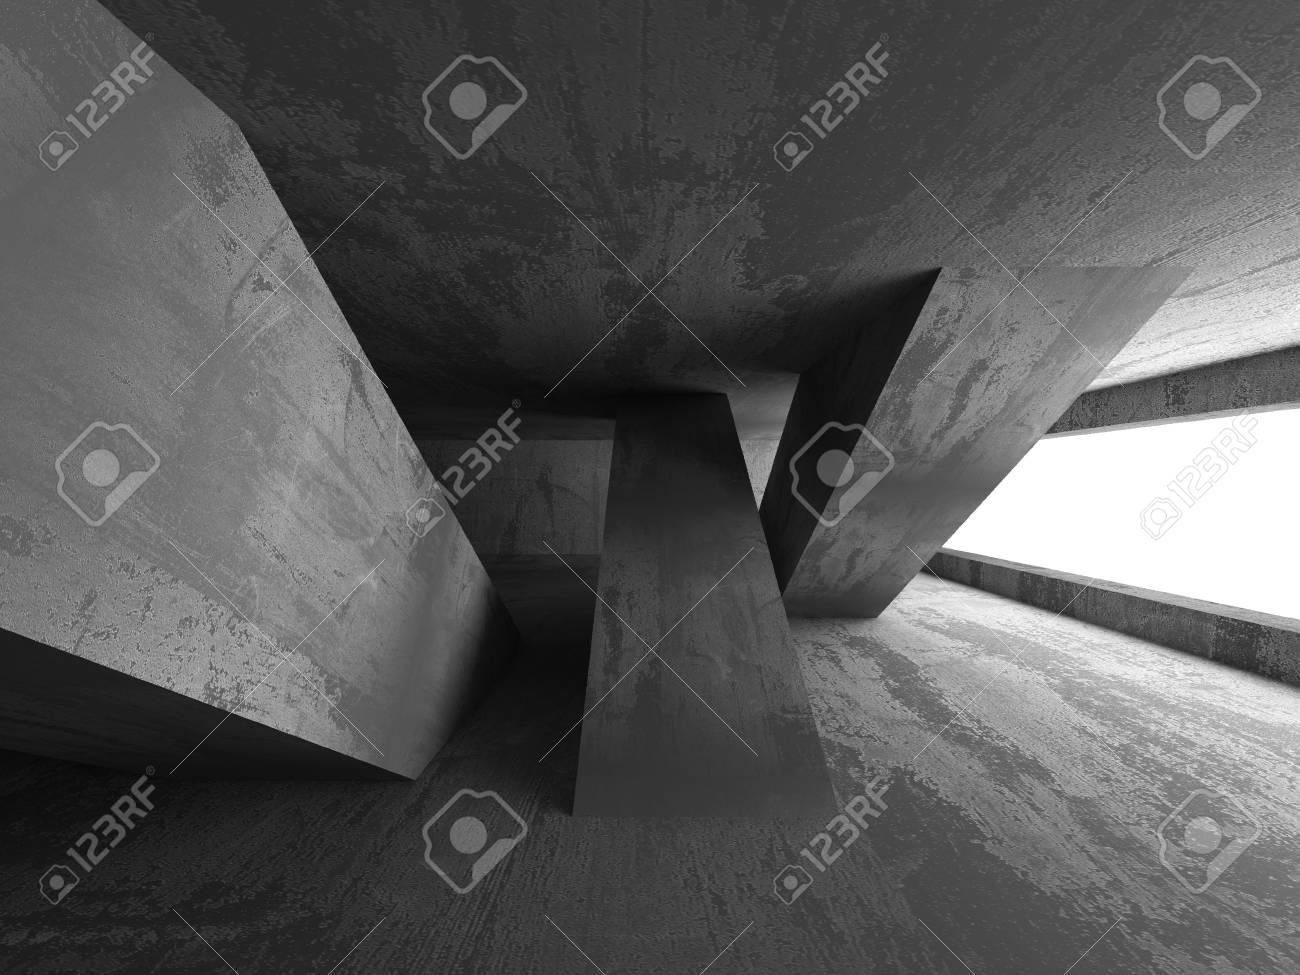 Muros De Hormigón Cuarto Oscuro Interior Fondo Abstracto. 3d ...